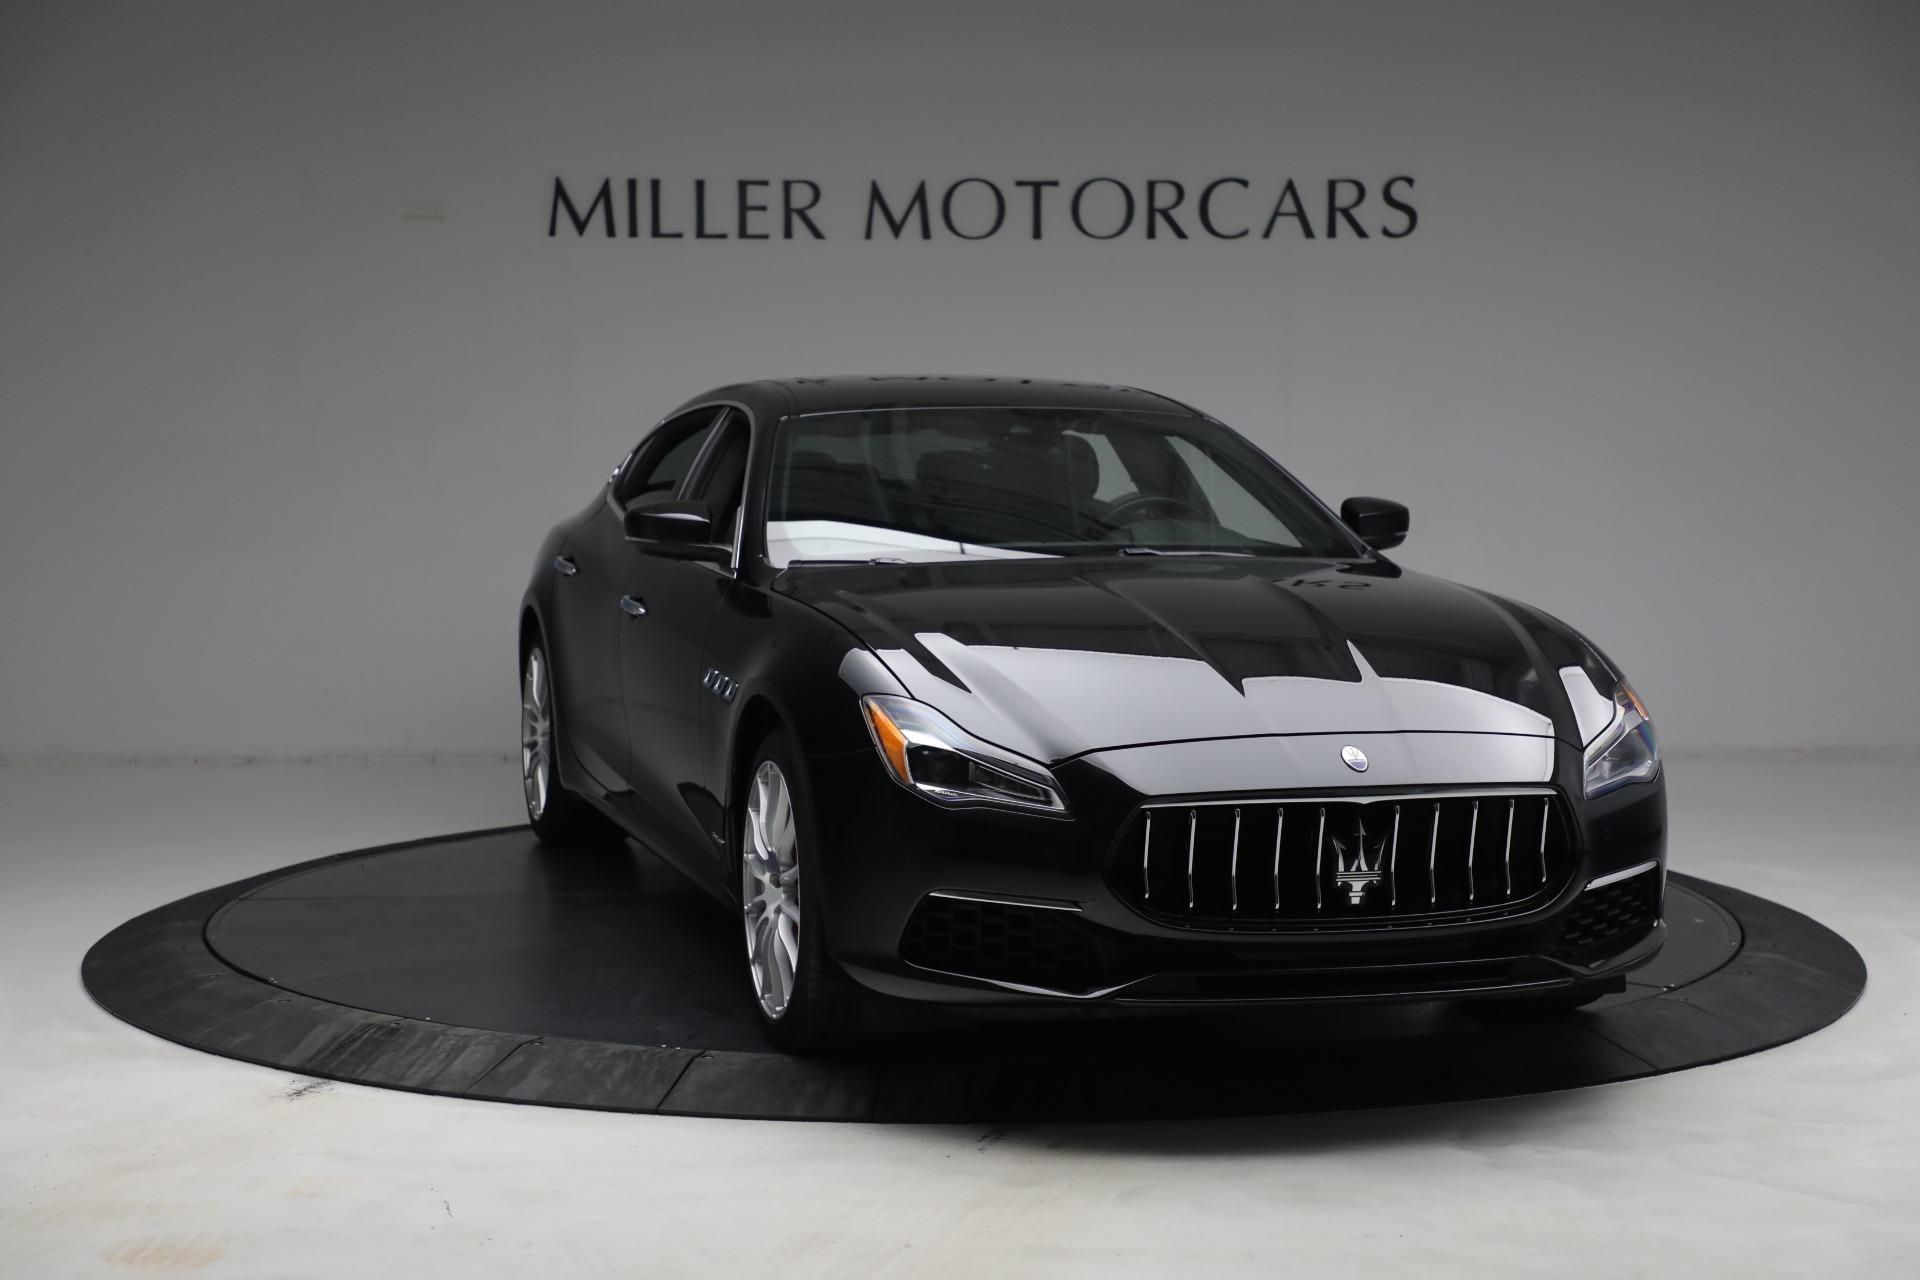 New 2019 Maserati Quattroporte S Q4 GranLusso For Sale In Greenwich, CT. Alfa Romeo of Greenwich, M2197 2619_p12